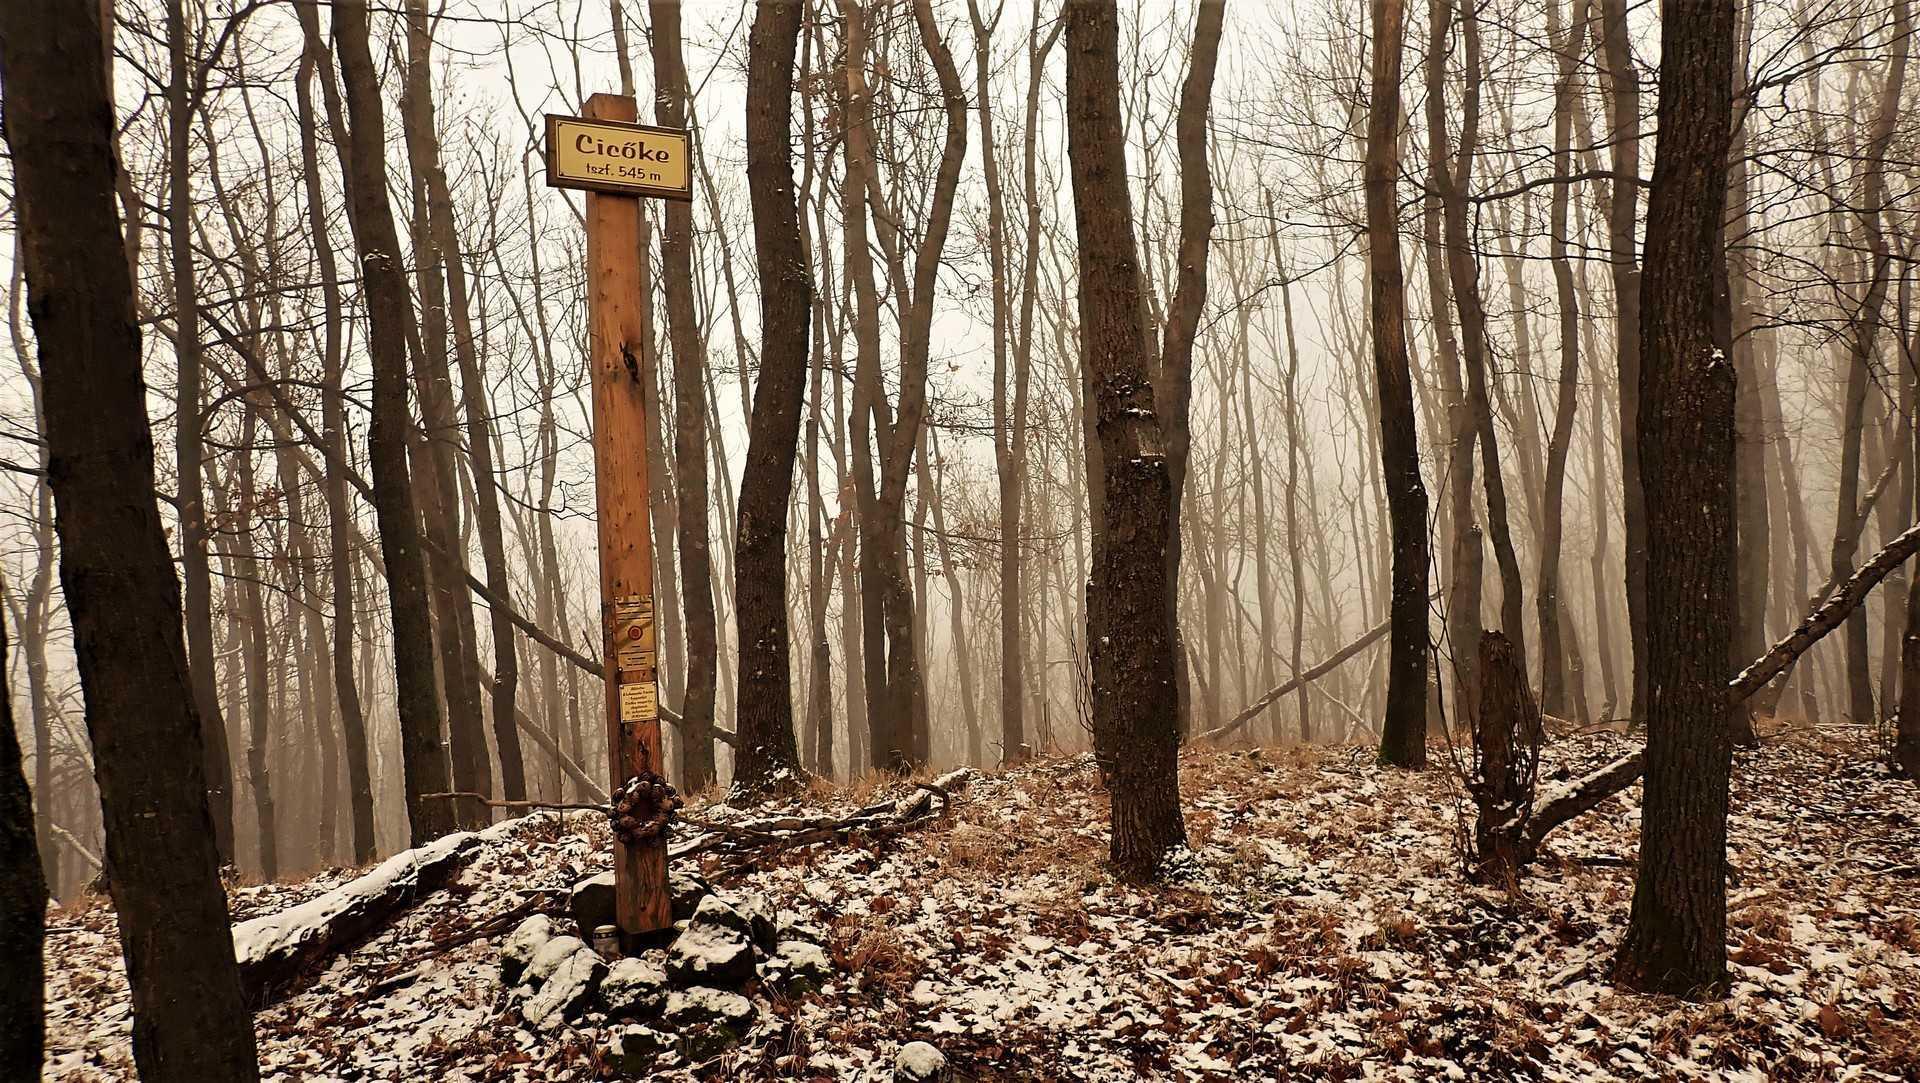 Nagy-völgy túra: A Cicőke és Kalakocs sztori-5